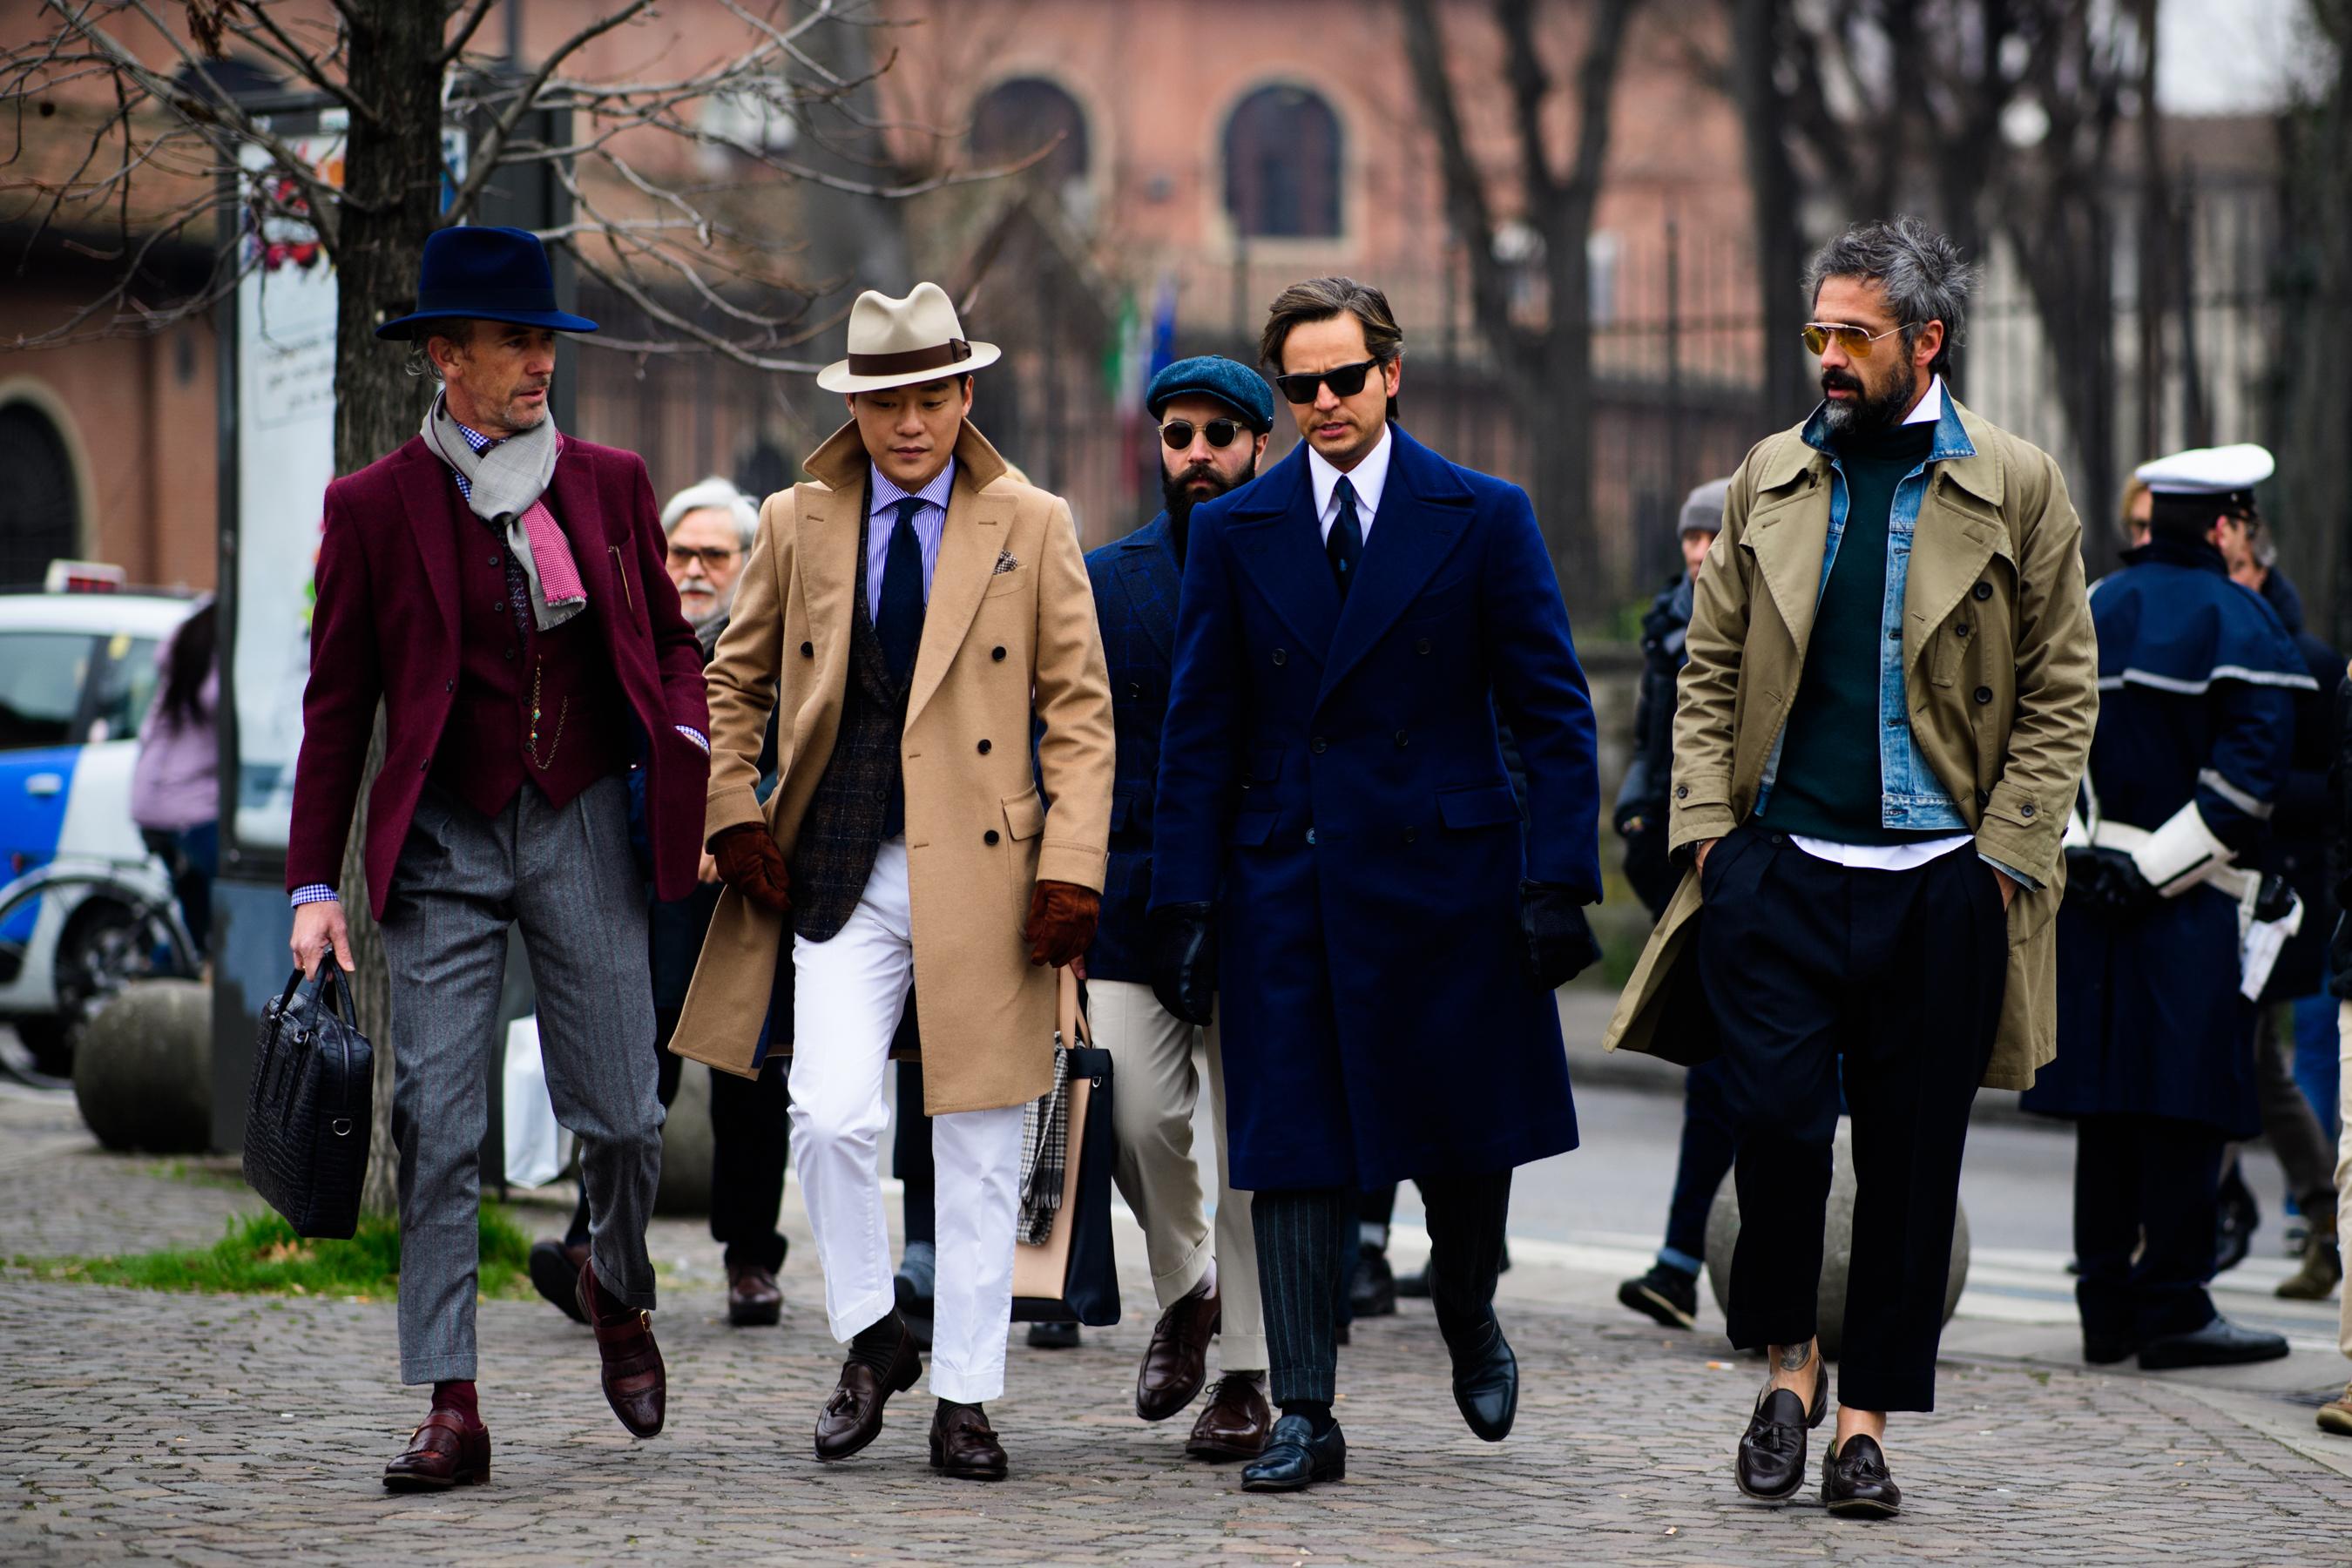 Pitti Uomo 91, street style, estilo de rua, florença, feira de moda, moda masculina, blog de moda masculina, alex cursino, menswear, dicas de moda, como ser estiloso, (3)